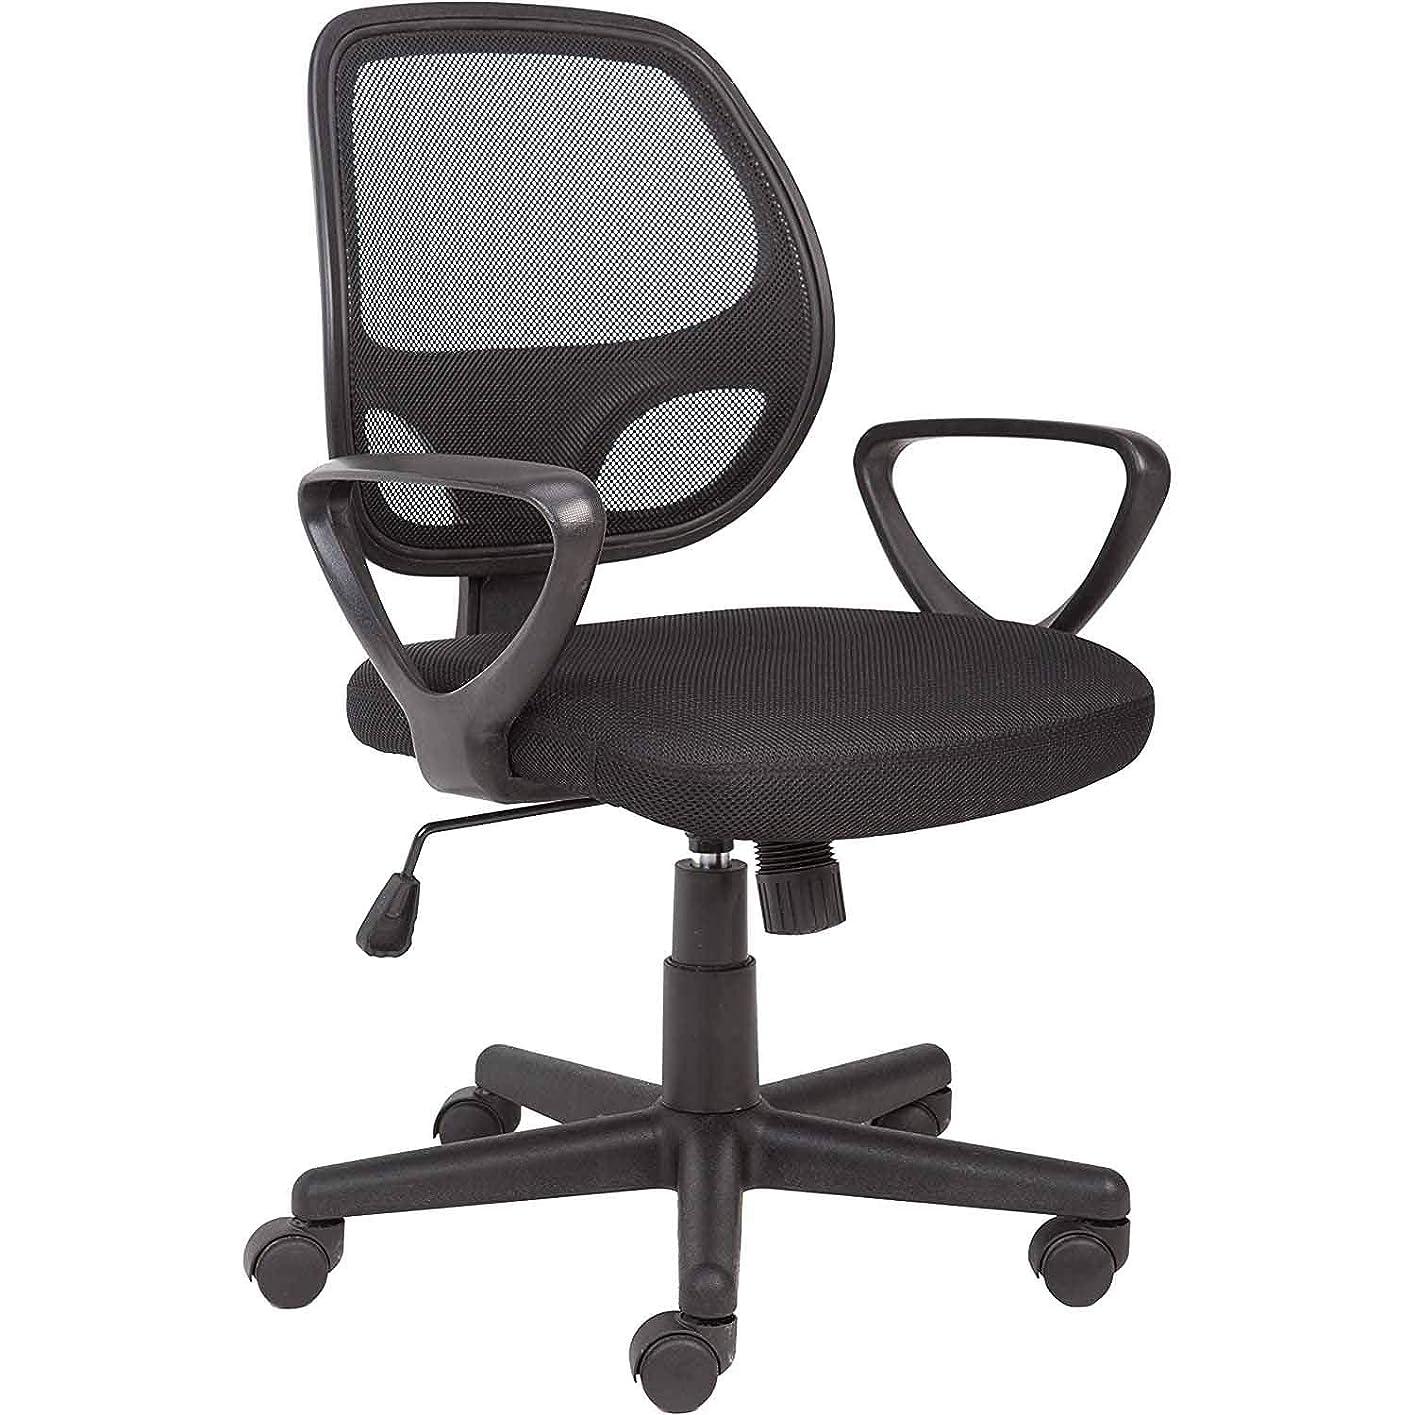 傑作常識見落とすトルク制御人間工学とコンピュータのオフィスチェアは、快適で通気性のランバーサポートと、調整可能、スイベル回転椅子メッシュ